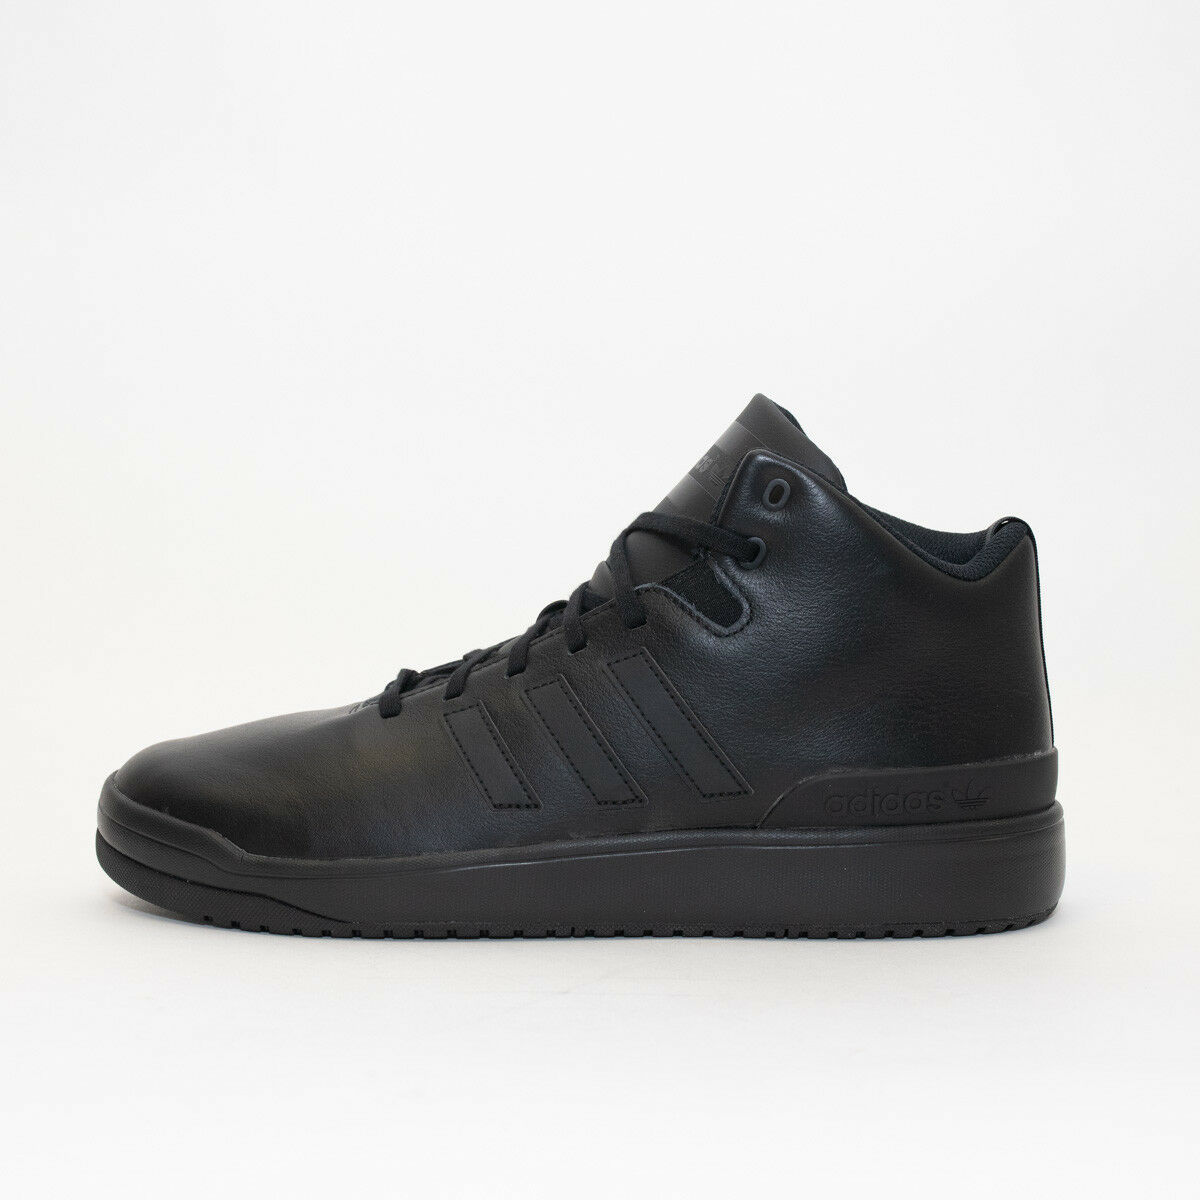 Mens Adidas Veritas Black Trainers   Sizes 12 & Above